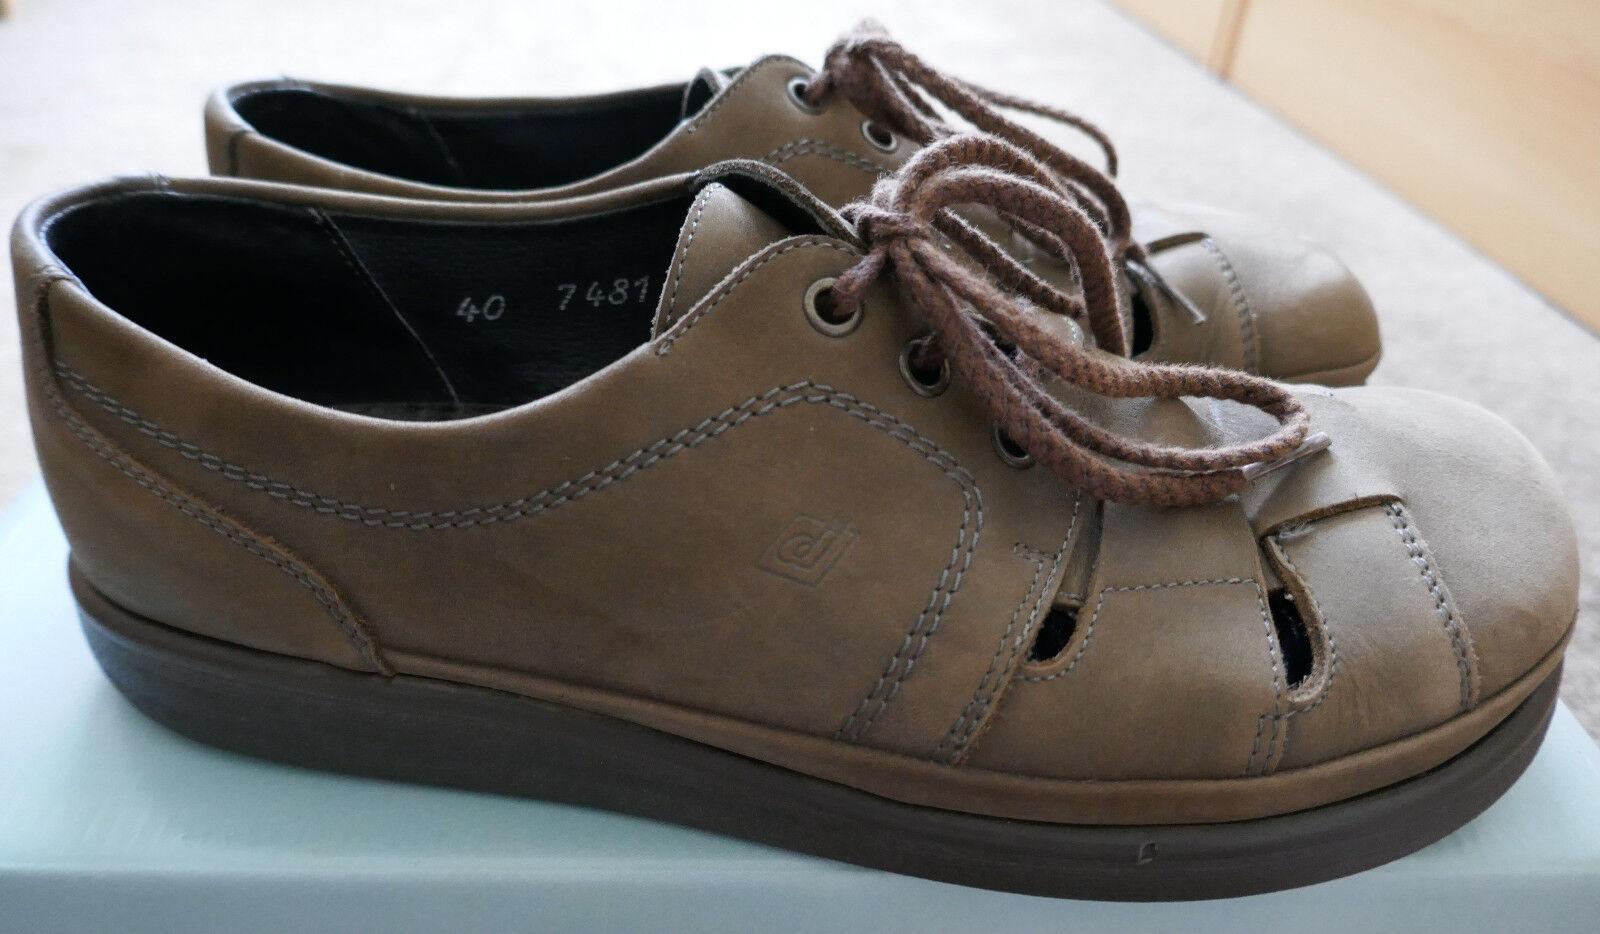 Dansko Comfort 40 Herren Sommer-Schuhe / Gr. 40 Comfort / Echtleder / braun / NP 637de3